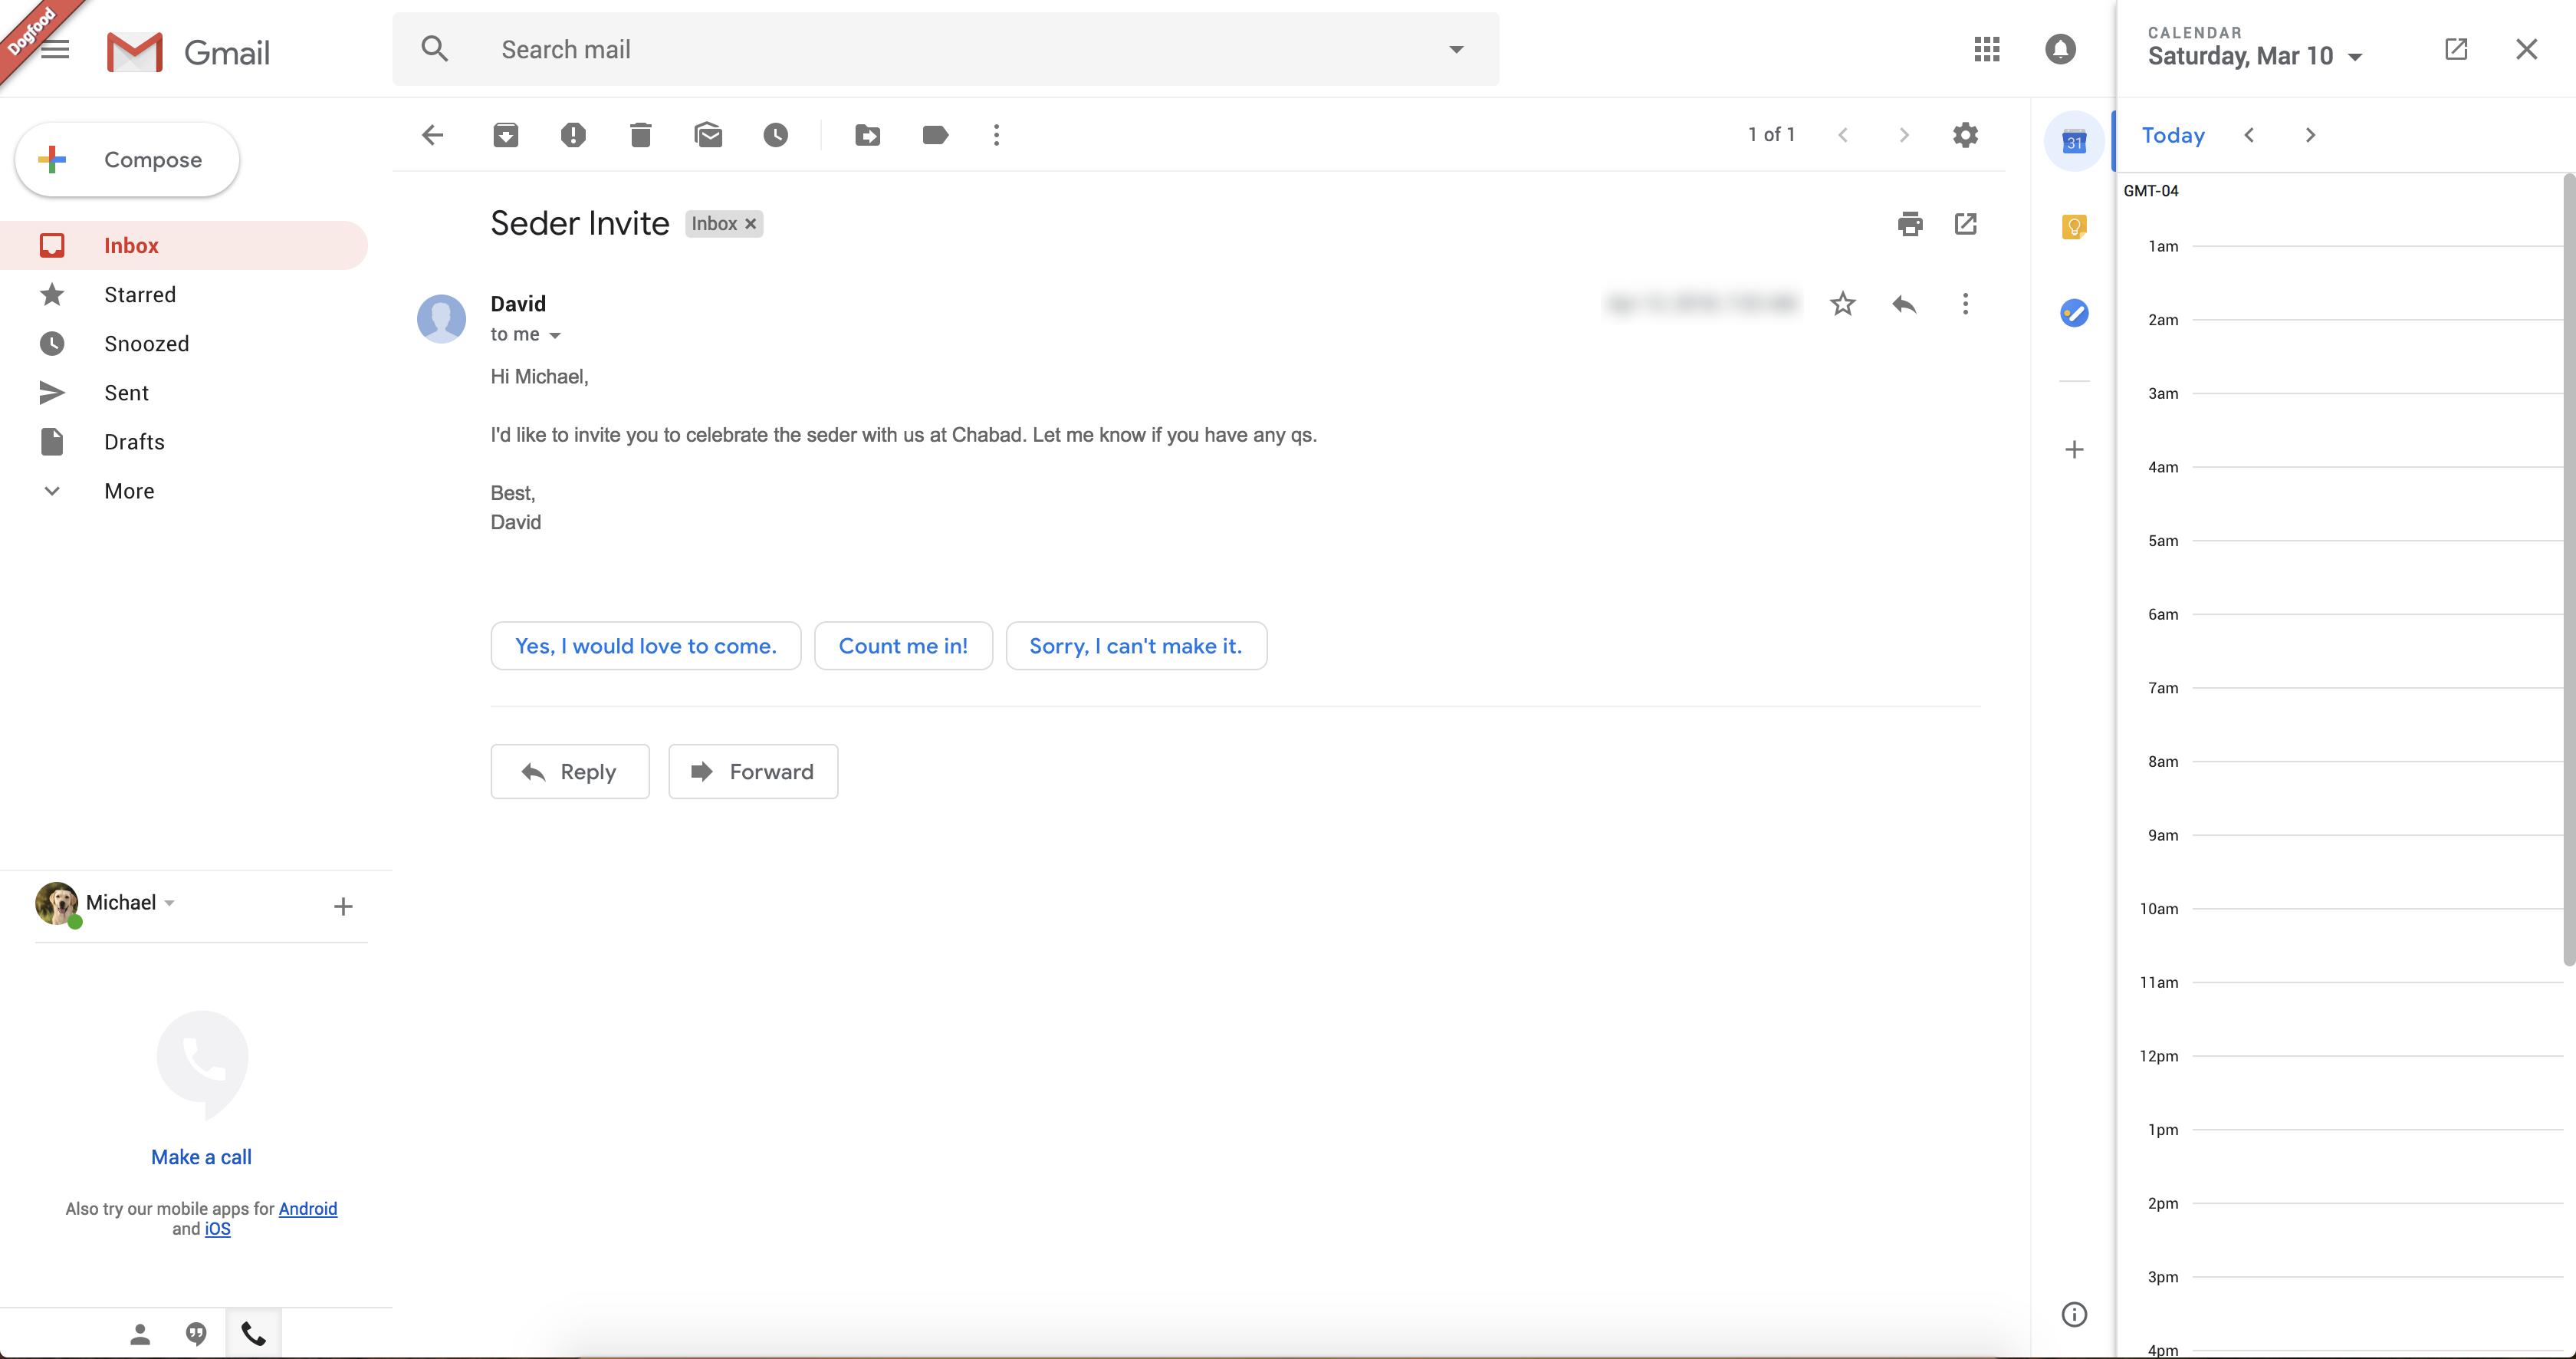 gmail ui4b